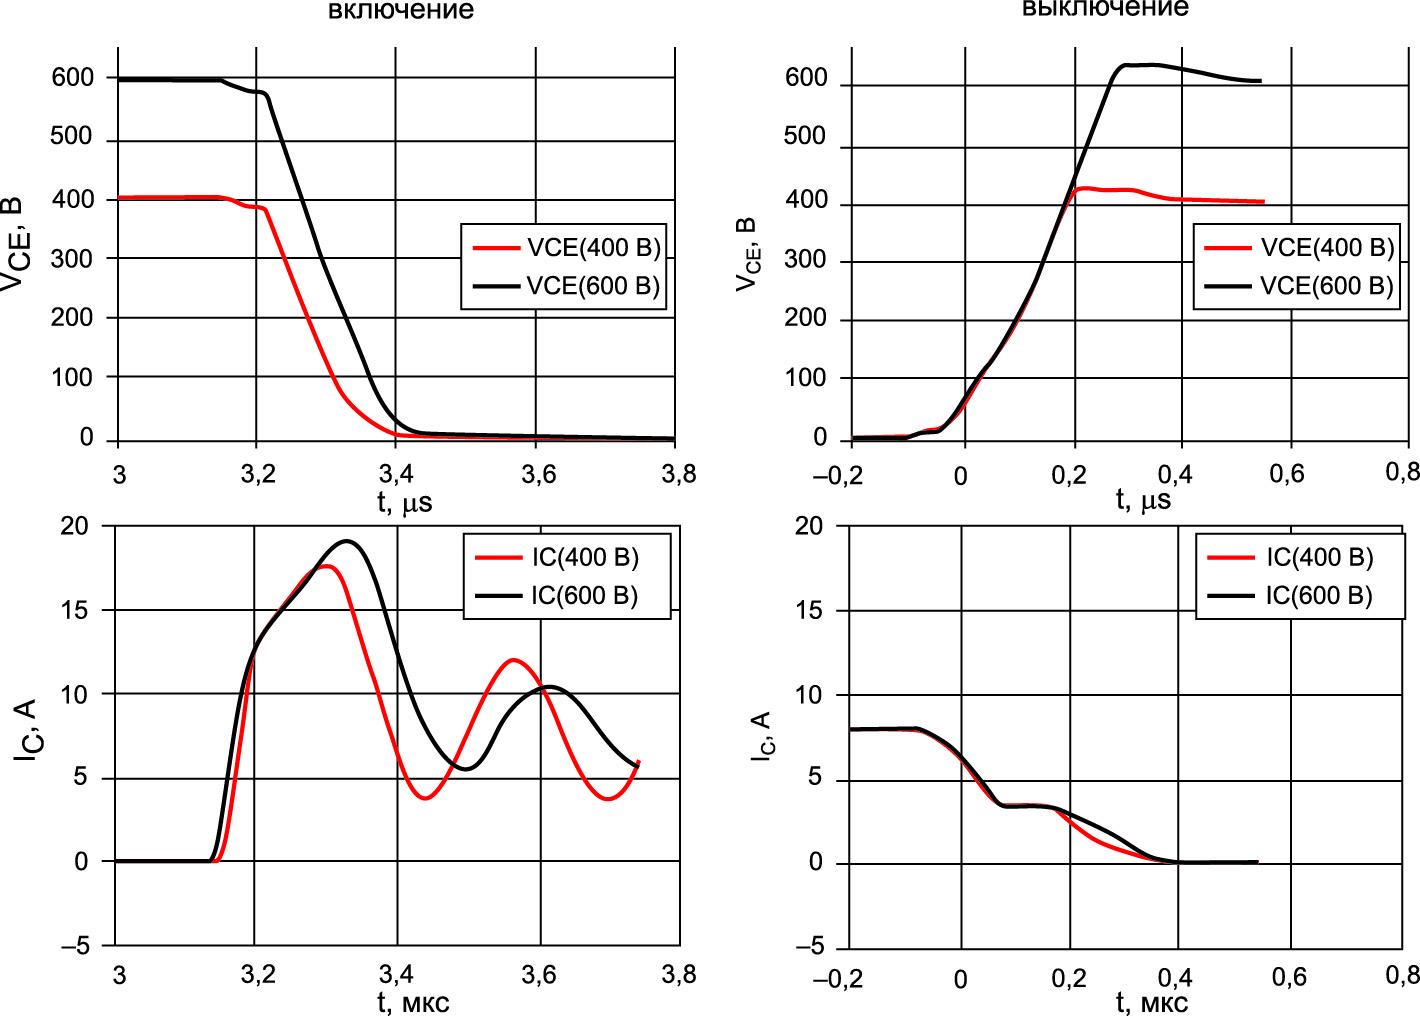 Осциллограммы токов и напряжений при различных значениях VDC